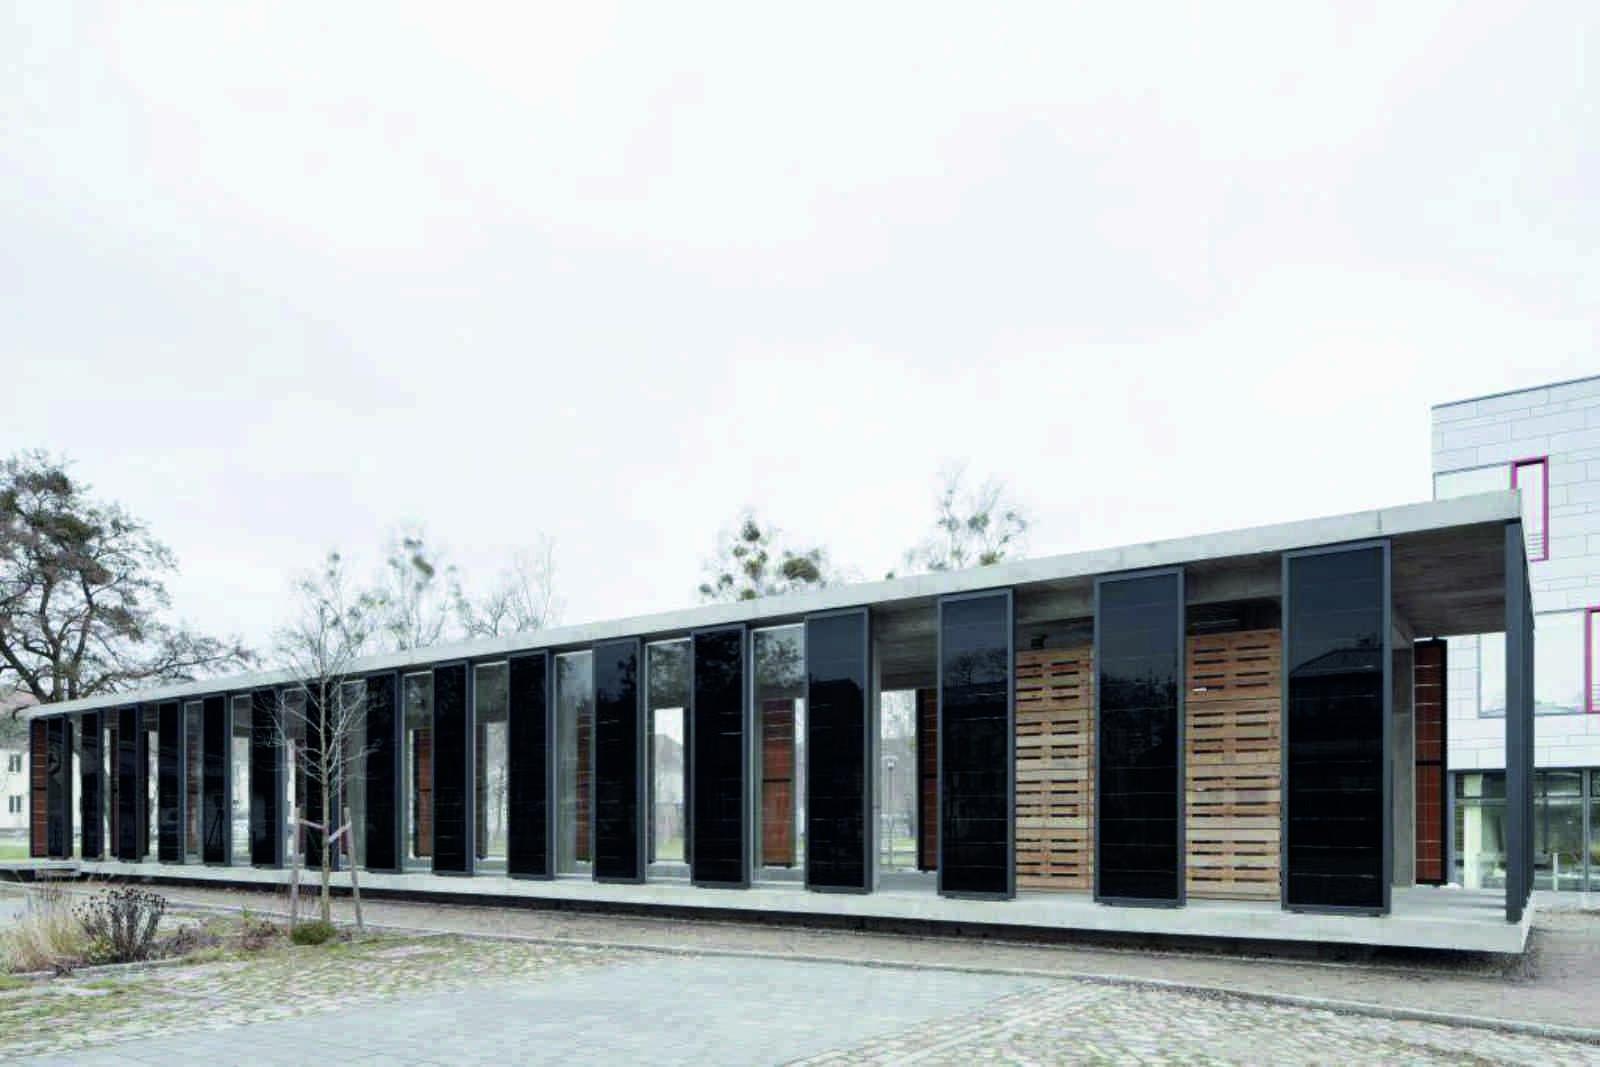 photovoltaic pavilion by ortner ortner baukunst a as architecture. Black Bedroom Furniture Sets. Home Design Ideas